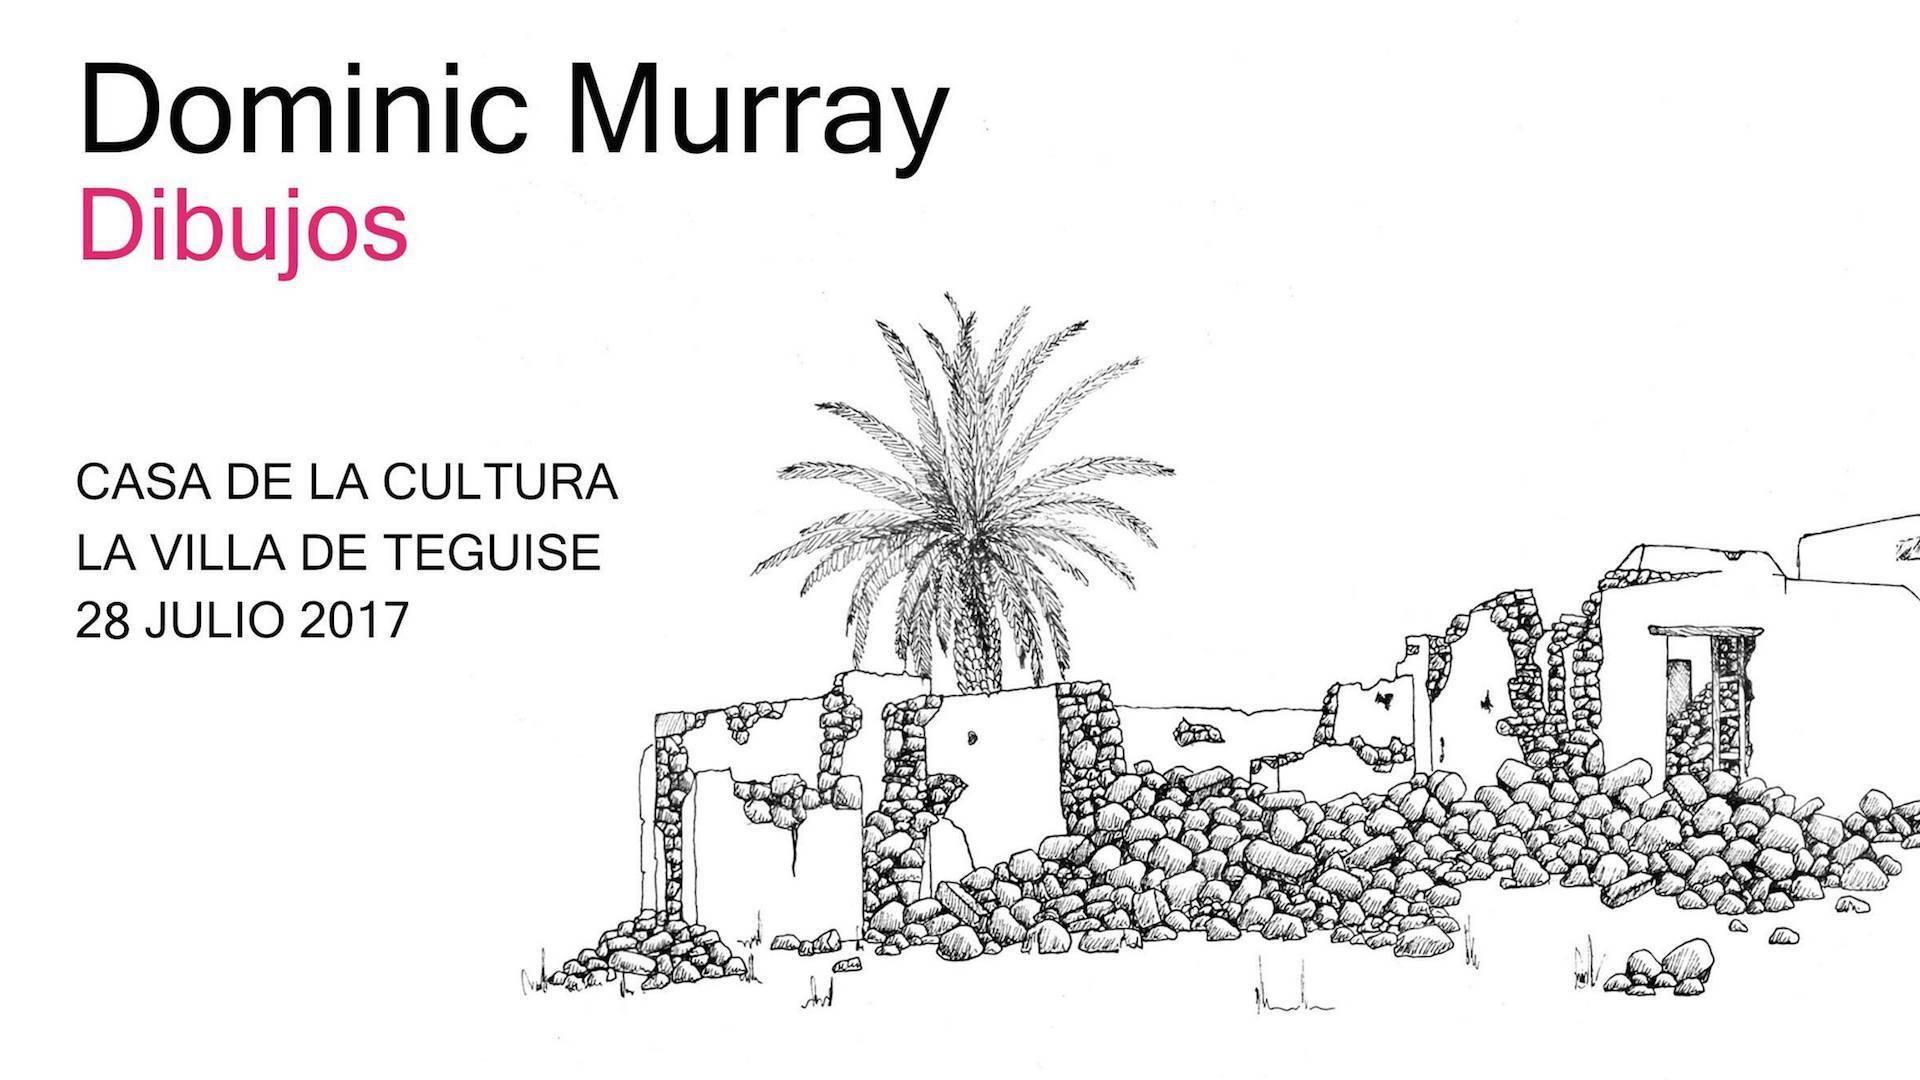 Dominic Murray